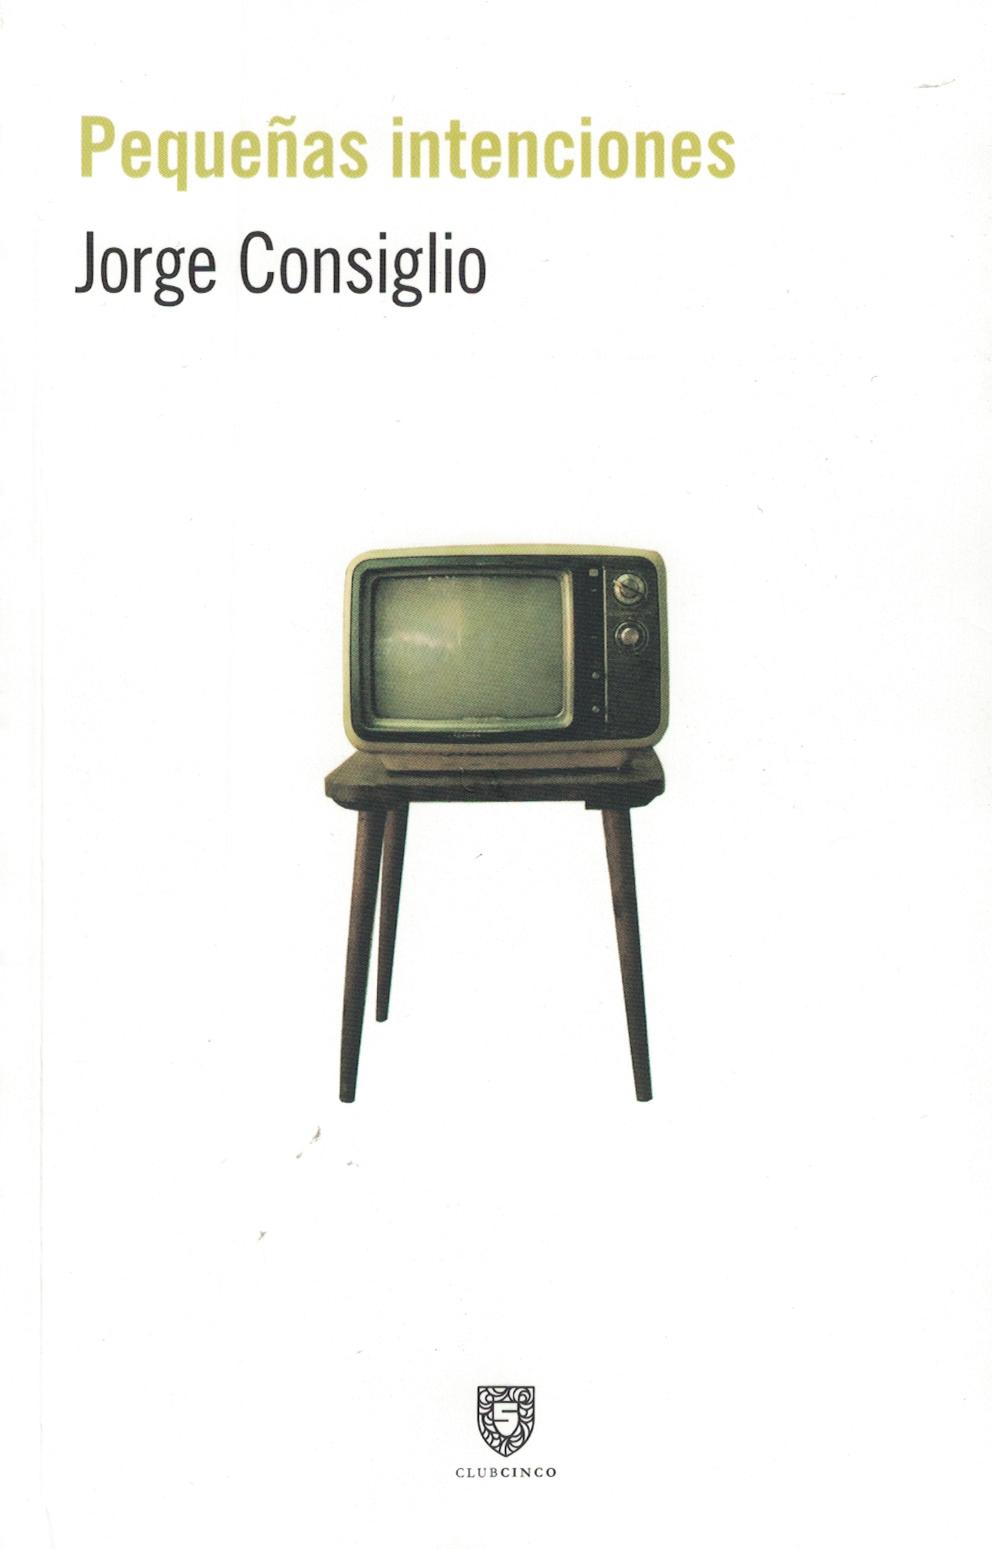 Resultado de imagen para CONSIGLIO, Jorge. Pequeñas intenciones, CLUBCINCO